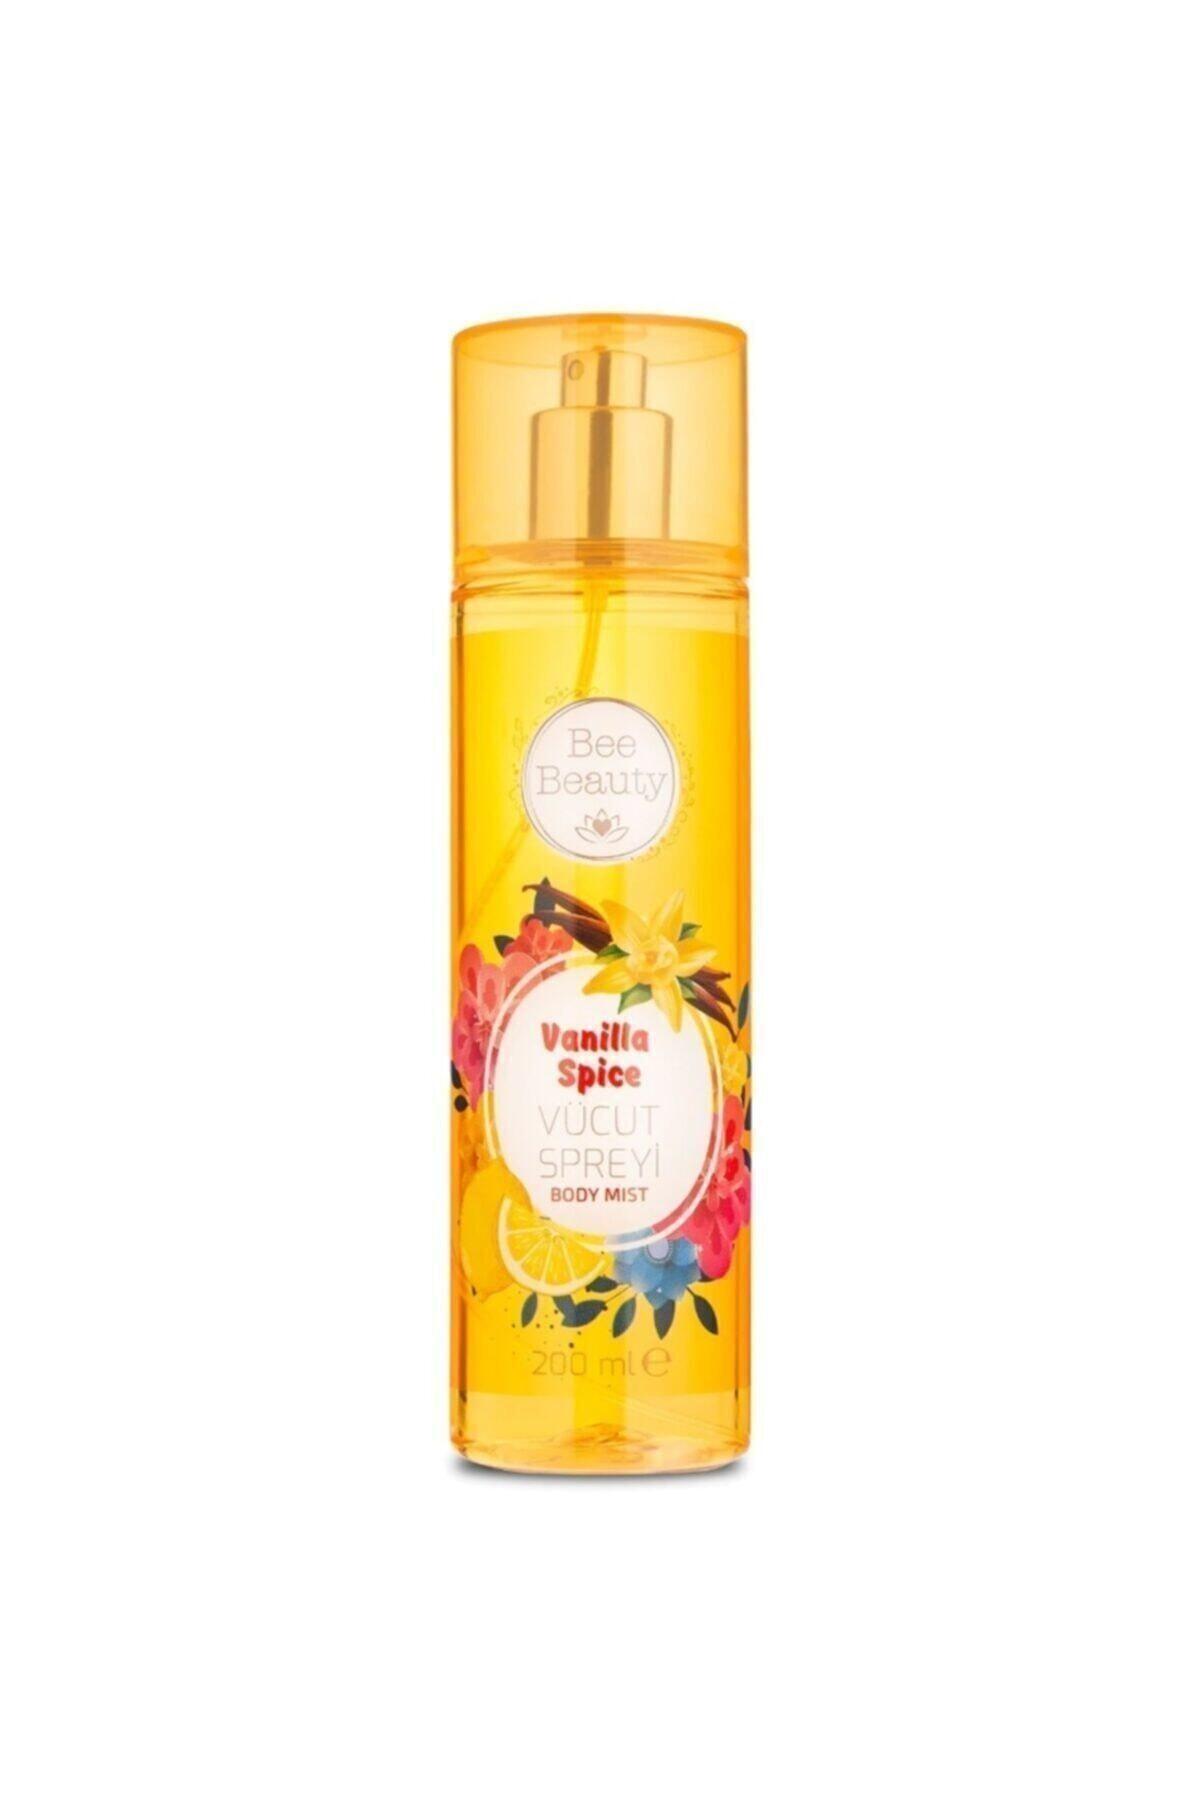 Vanilla Spice Vücut Spreyi 200 ml